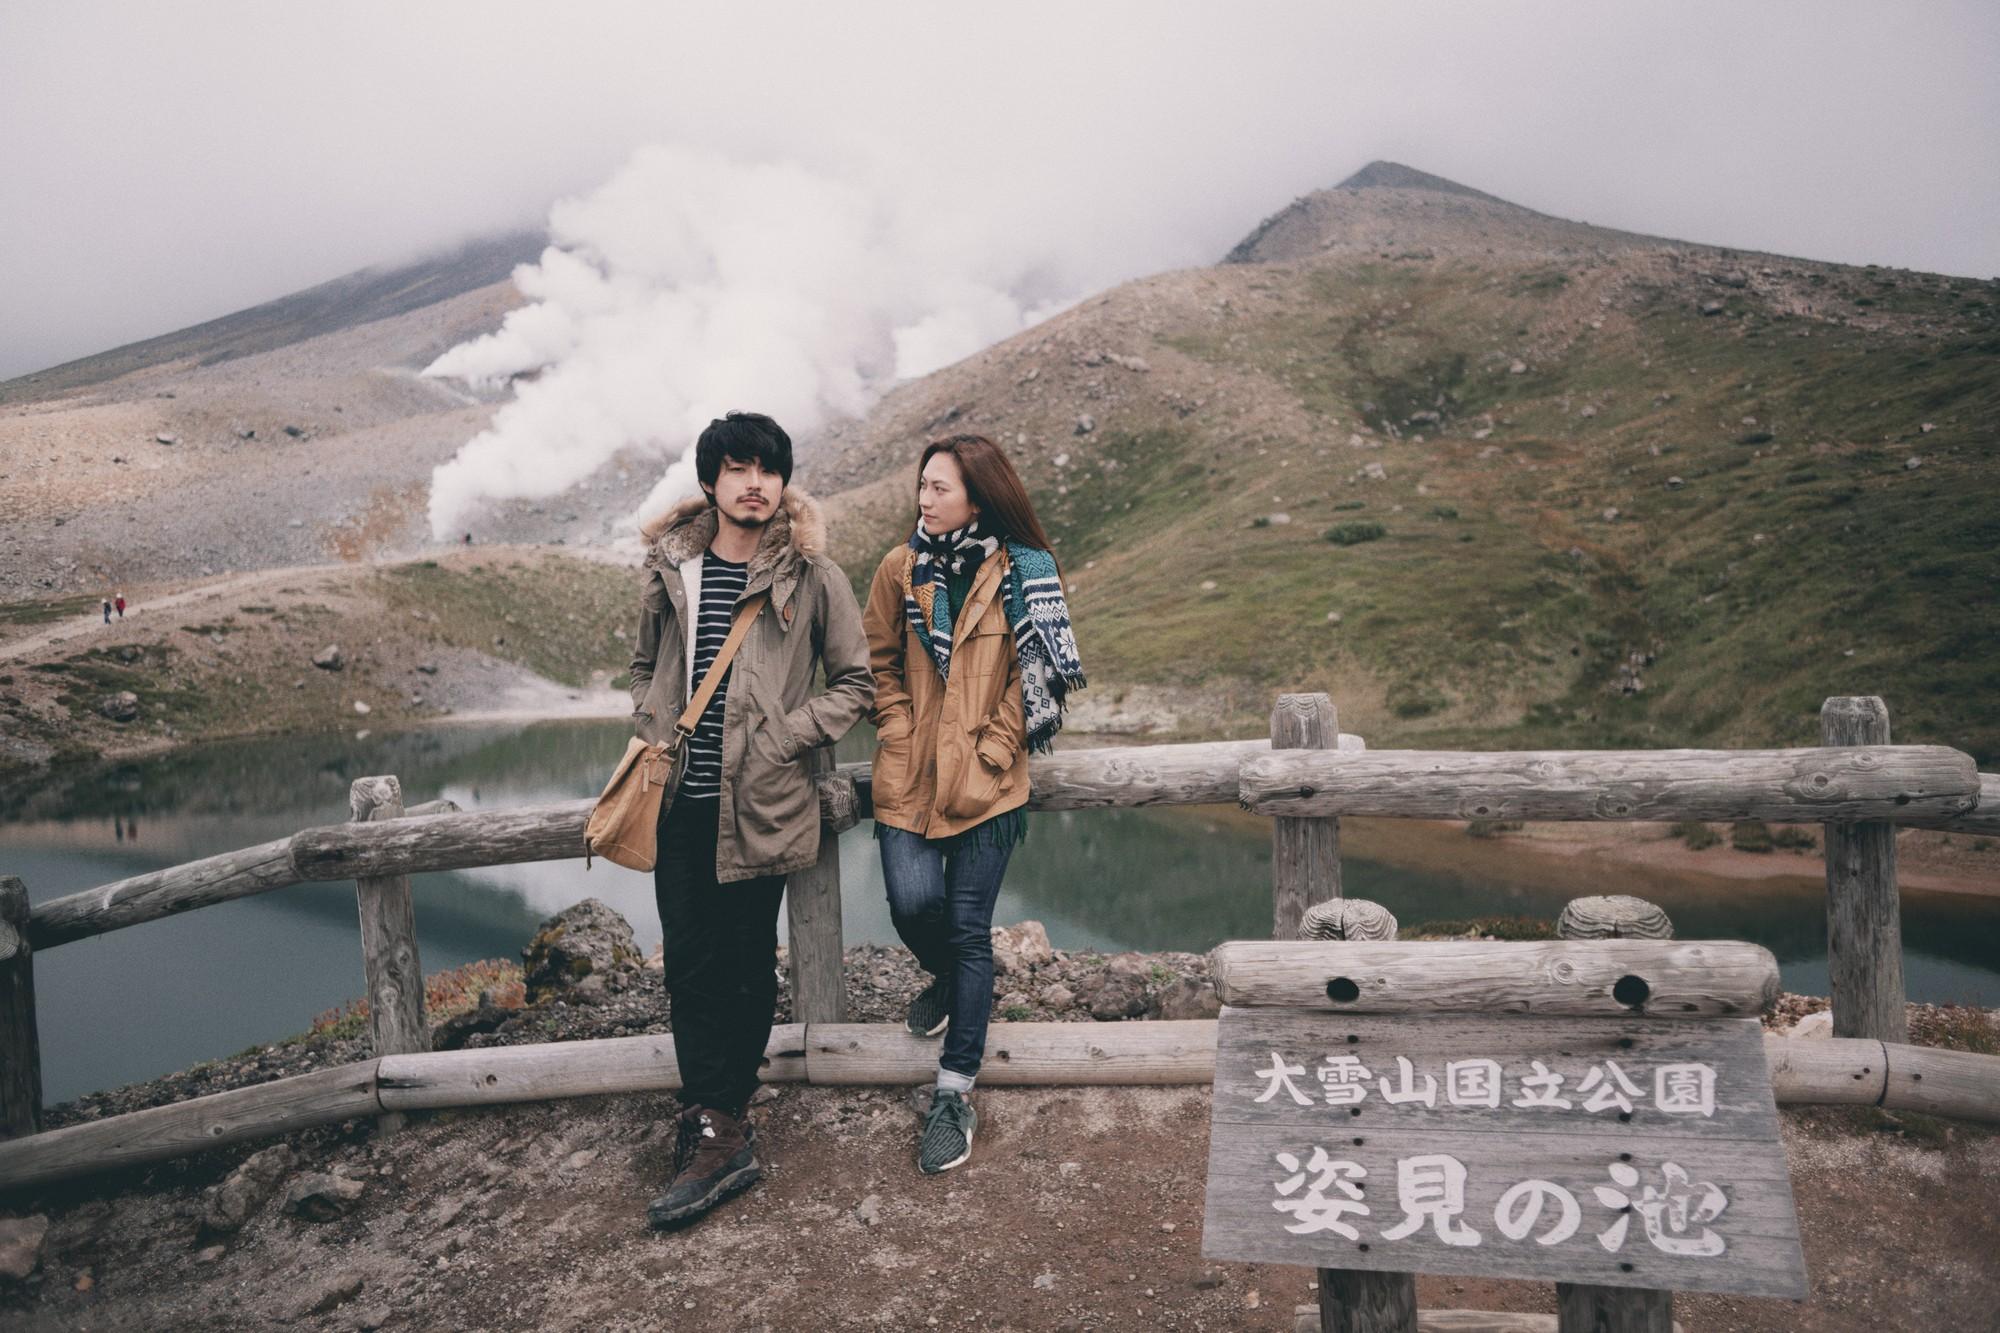 Được quay ở thị trấn nhiếp ảnh nên đừng hỏi vì sao Nhật Bản trong Nhắm mắt thấy mùa hè lại đẹp ngẩn ngơ đến thế - Ảnh 17.